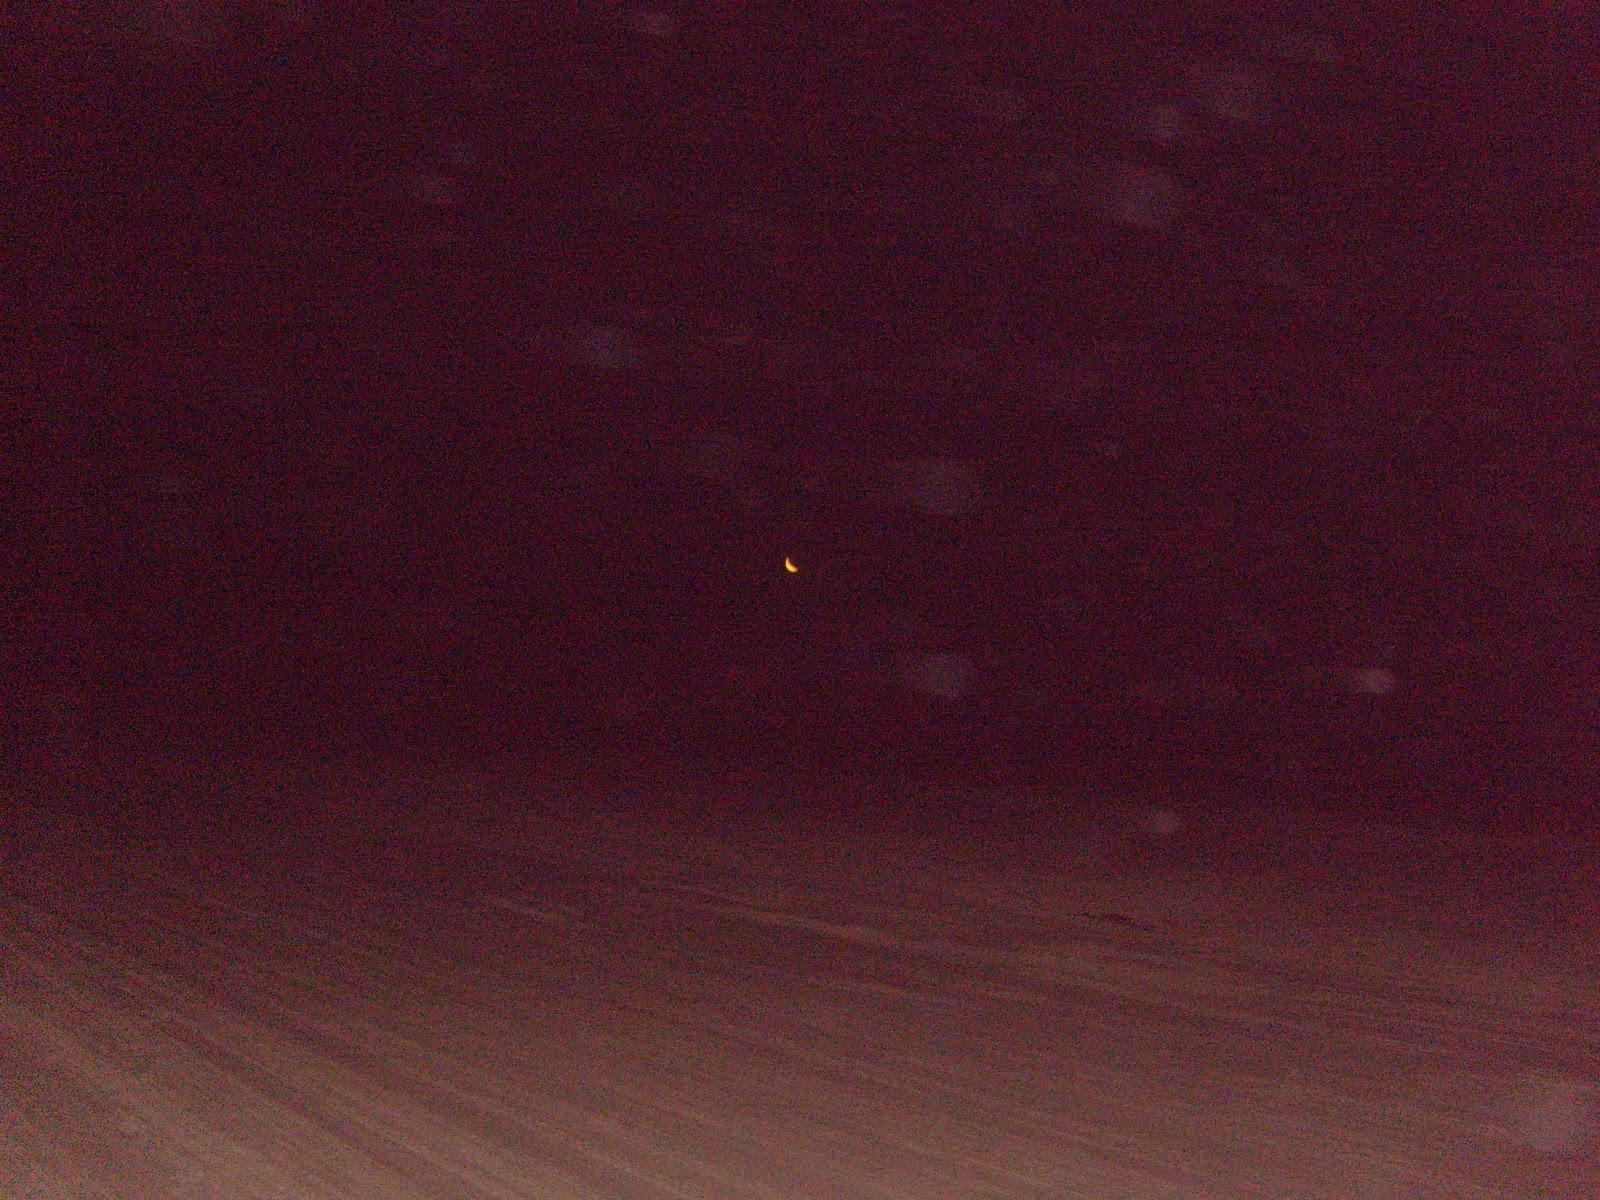 Midnight at Surfside - 0529-2726.JPG